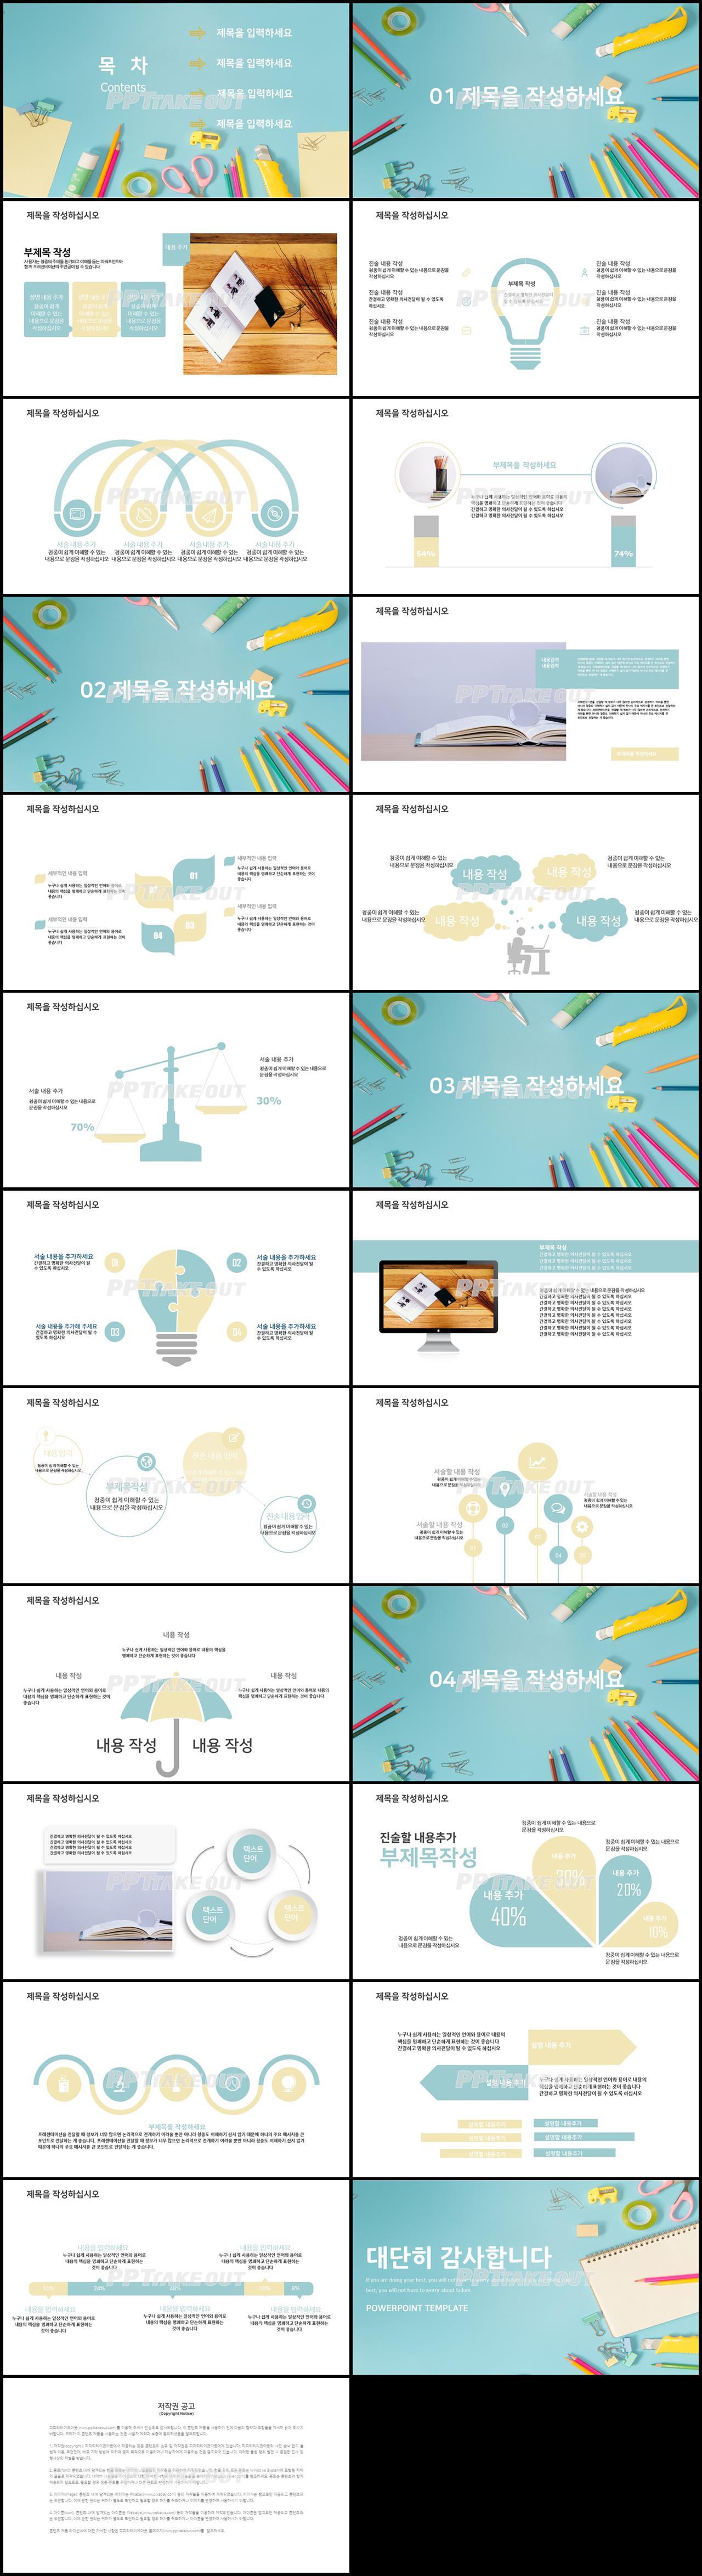 졸업발표 파랑색 예쁜 맞춤형 POWERPOINT샘플 다운로드 상세보기